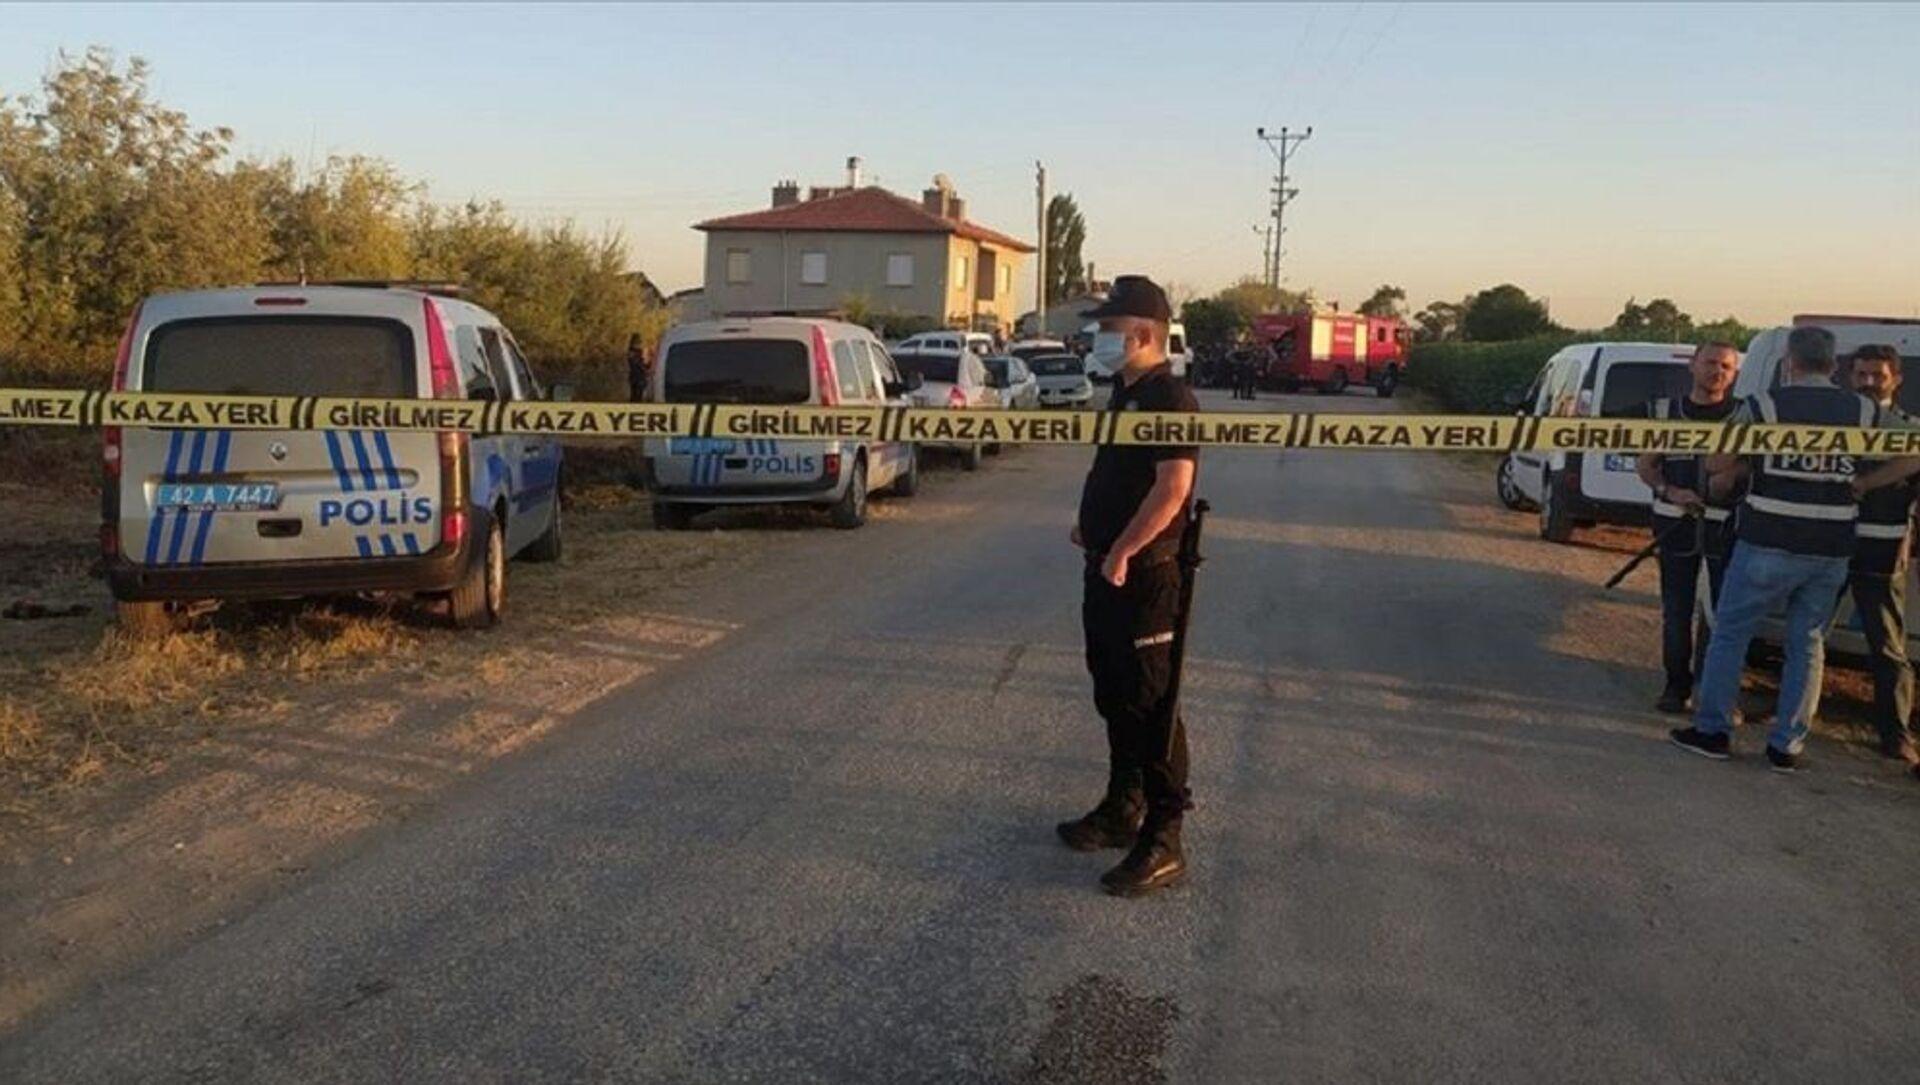 Konya'da 7 kişilik aile öldürüldü - Sputnik Türkiye, 1920, 03.08.2021